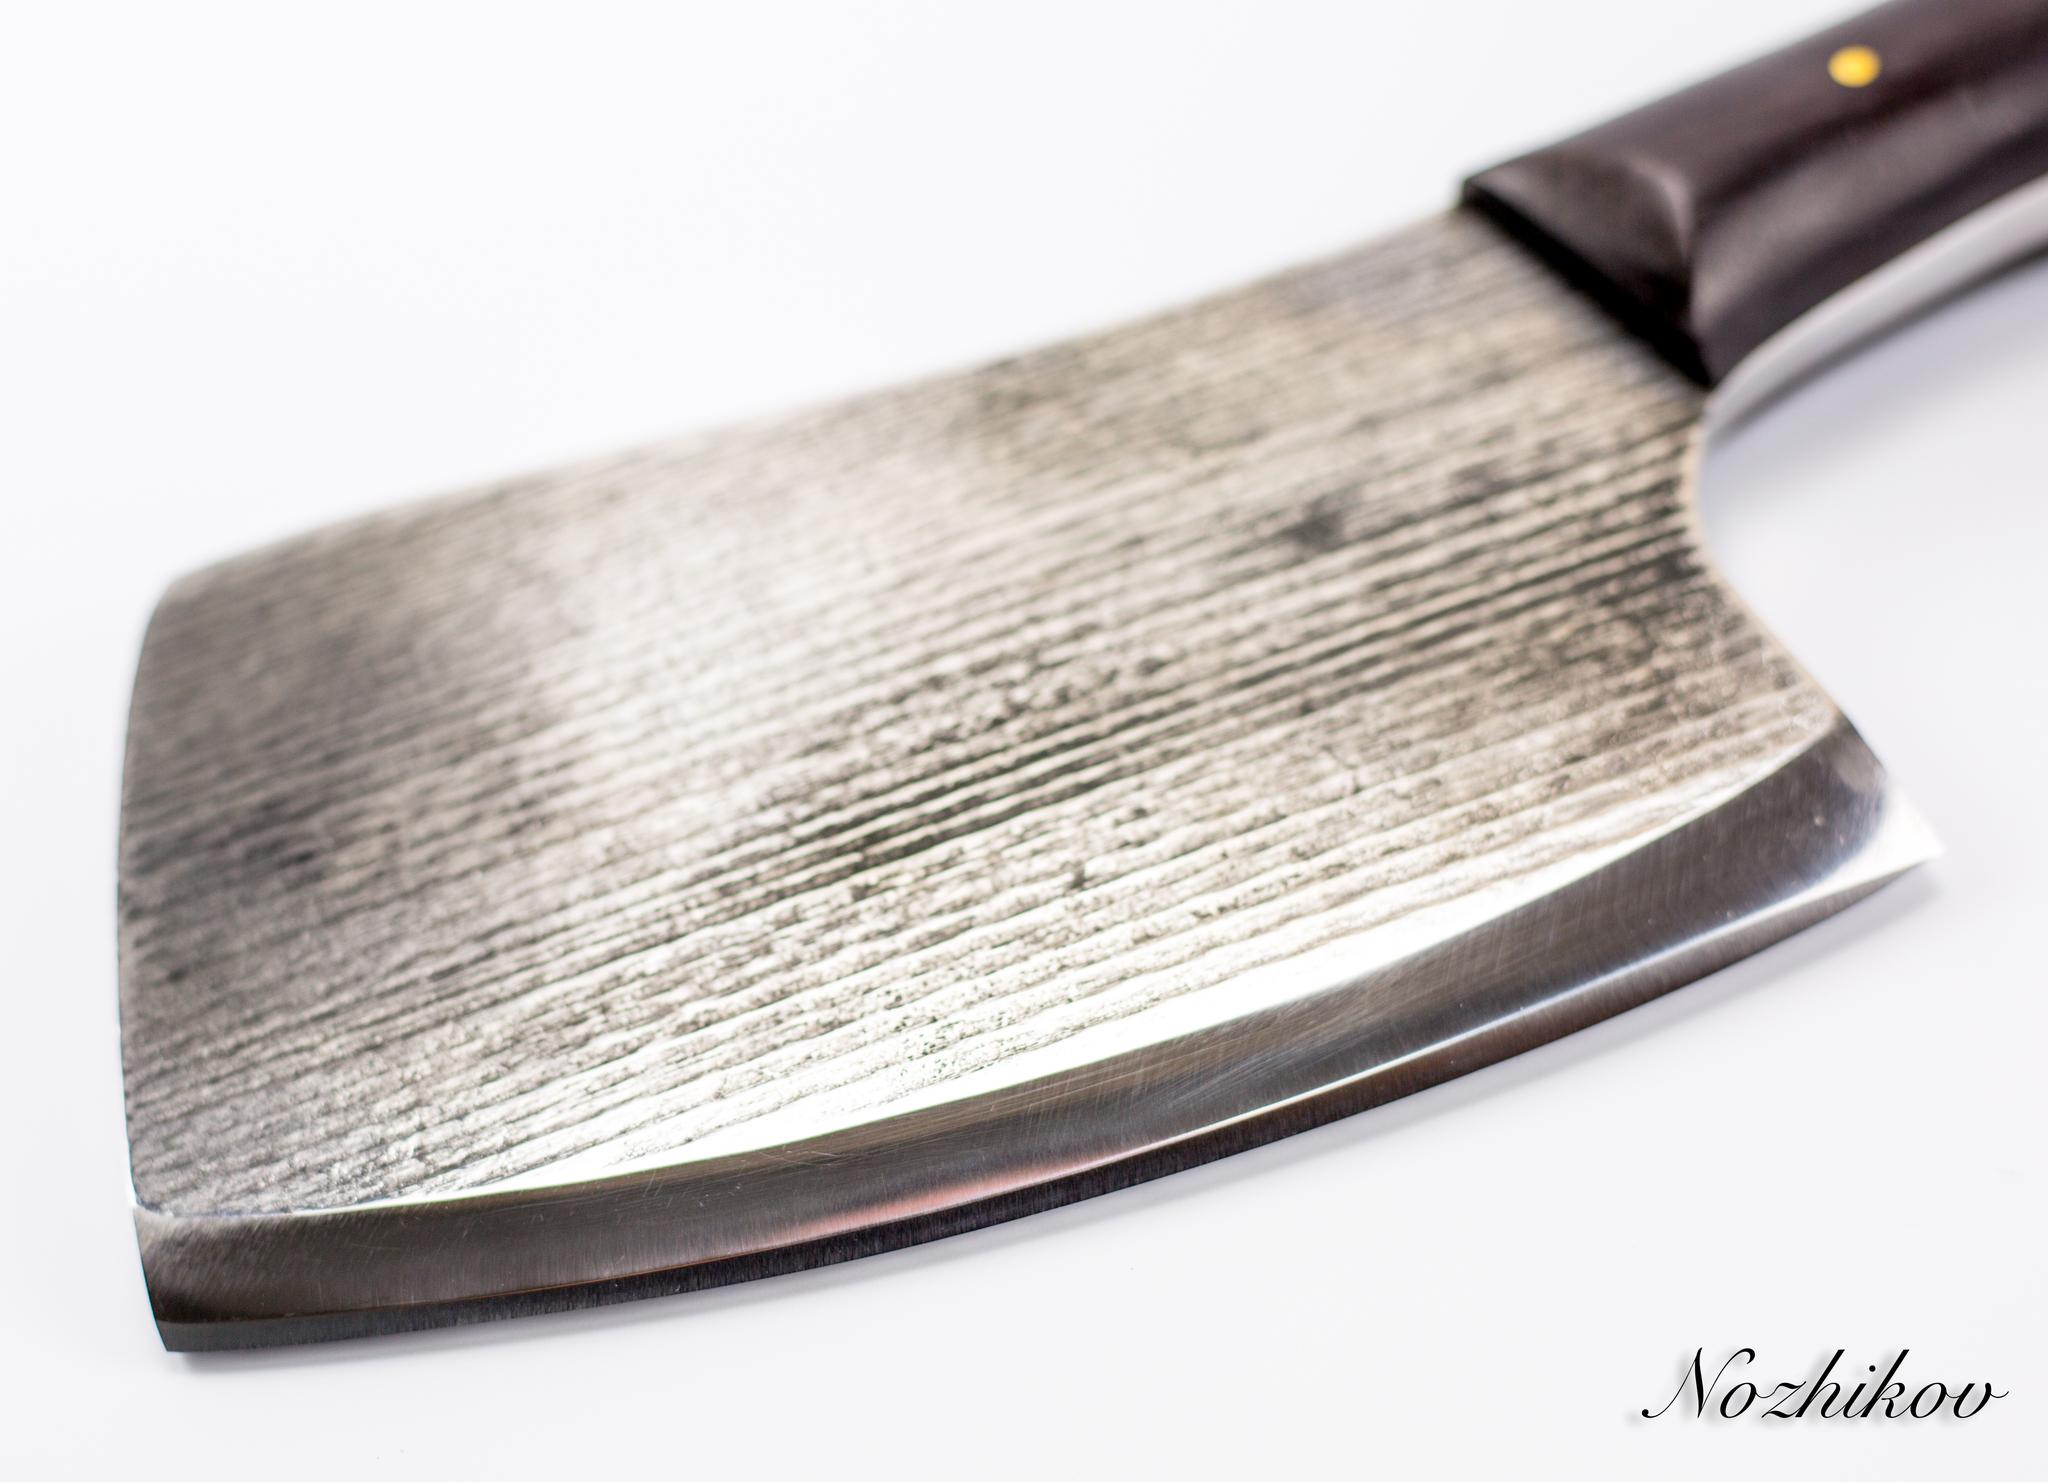 Фото 9 - Тяпка для мяса №2, сталь У8 от Мастерская Климентьева